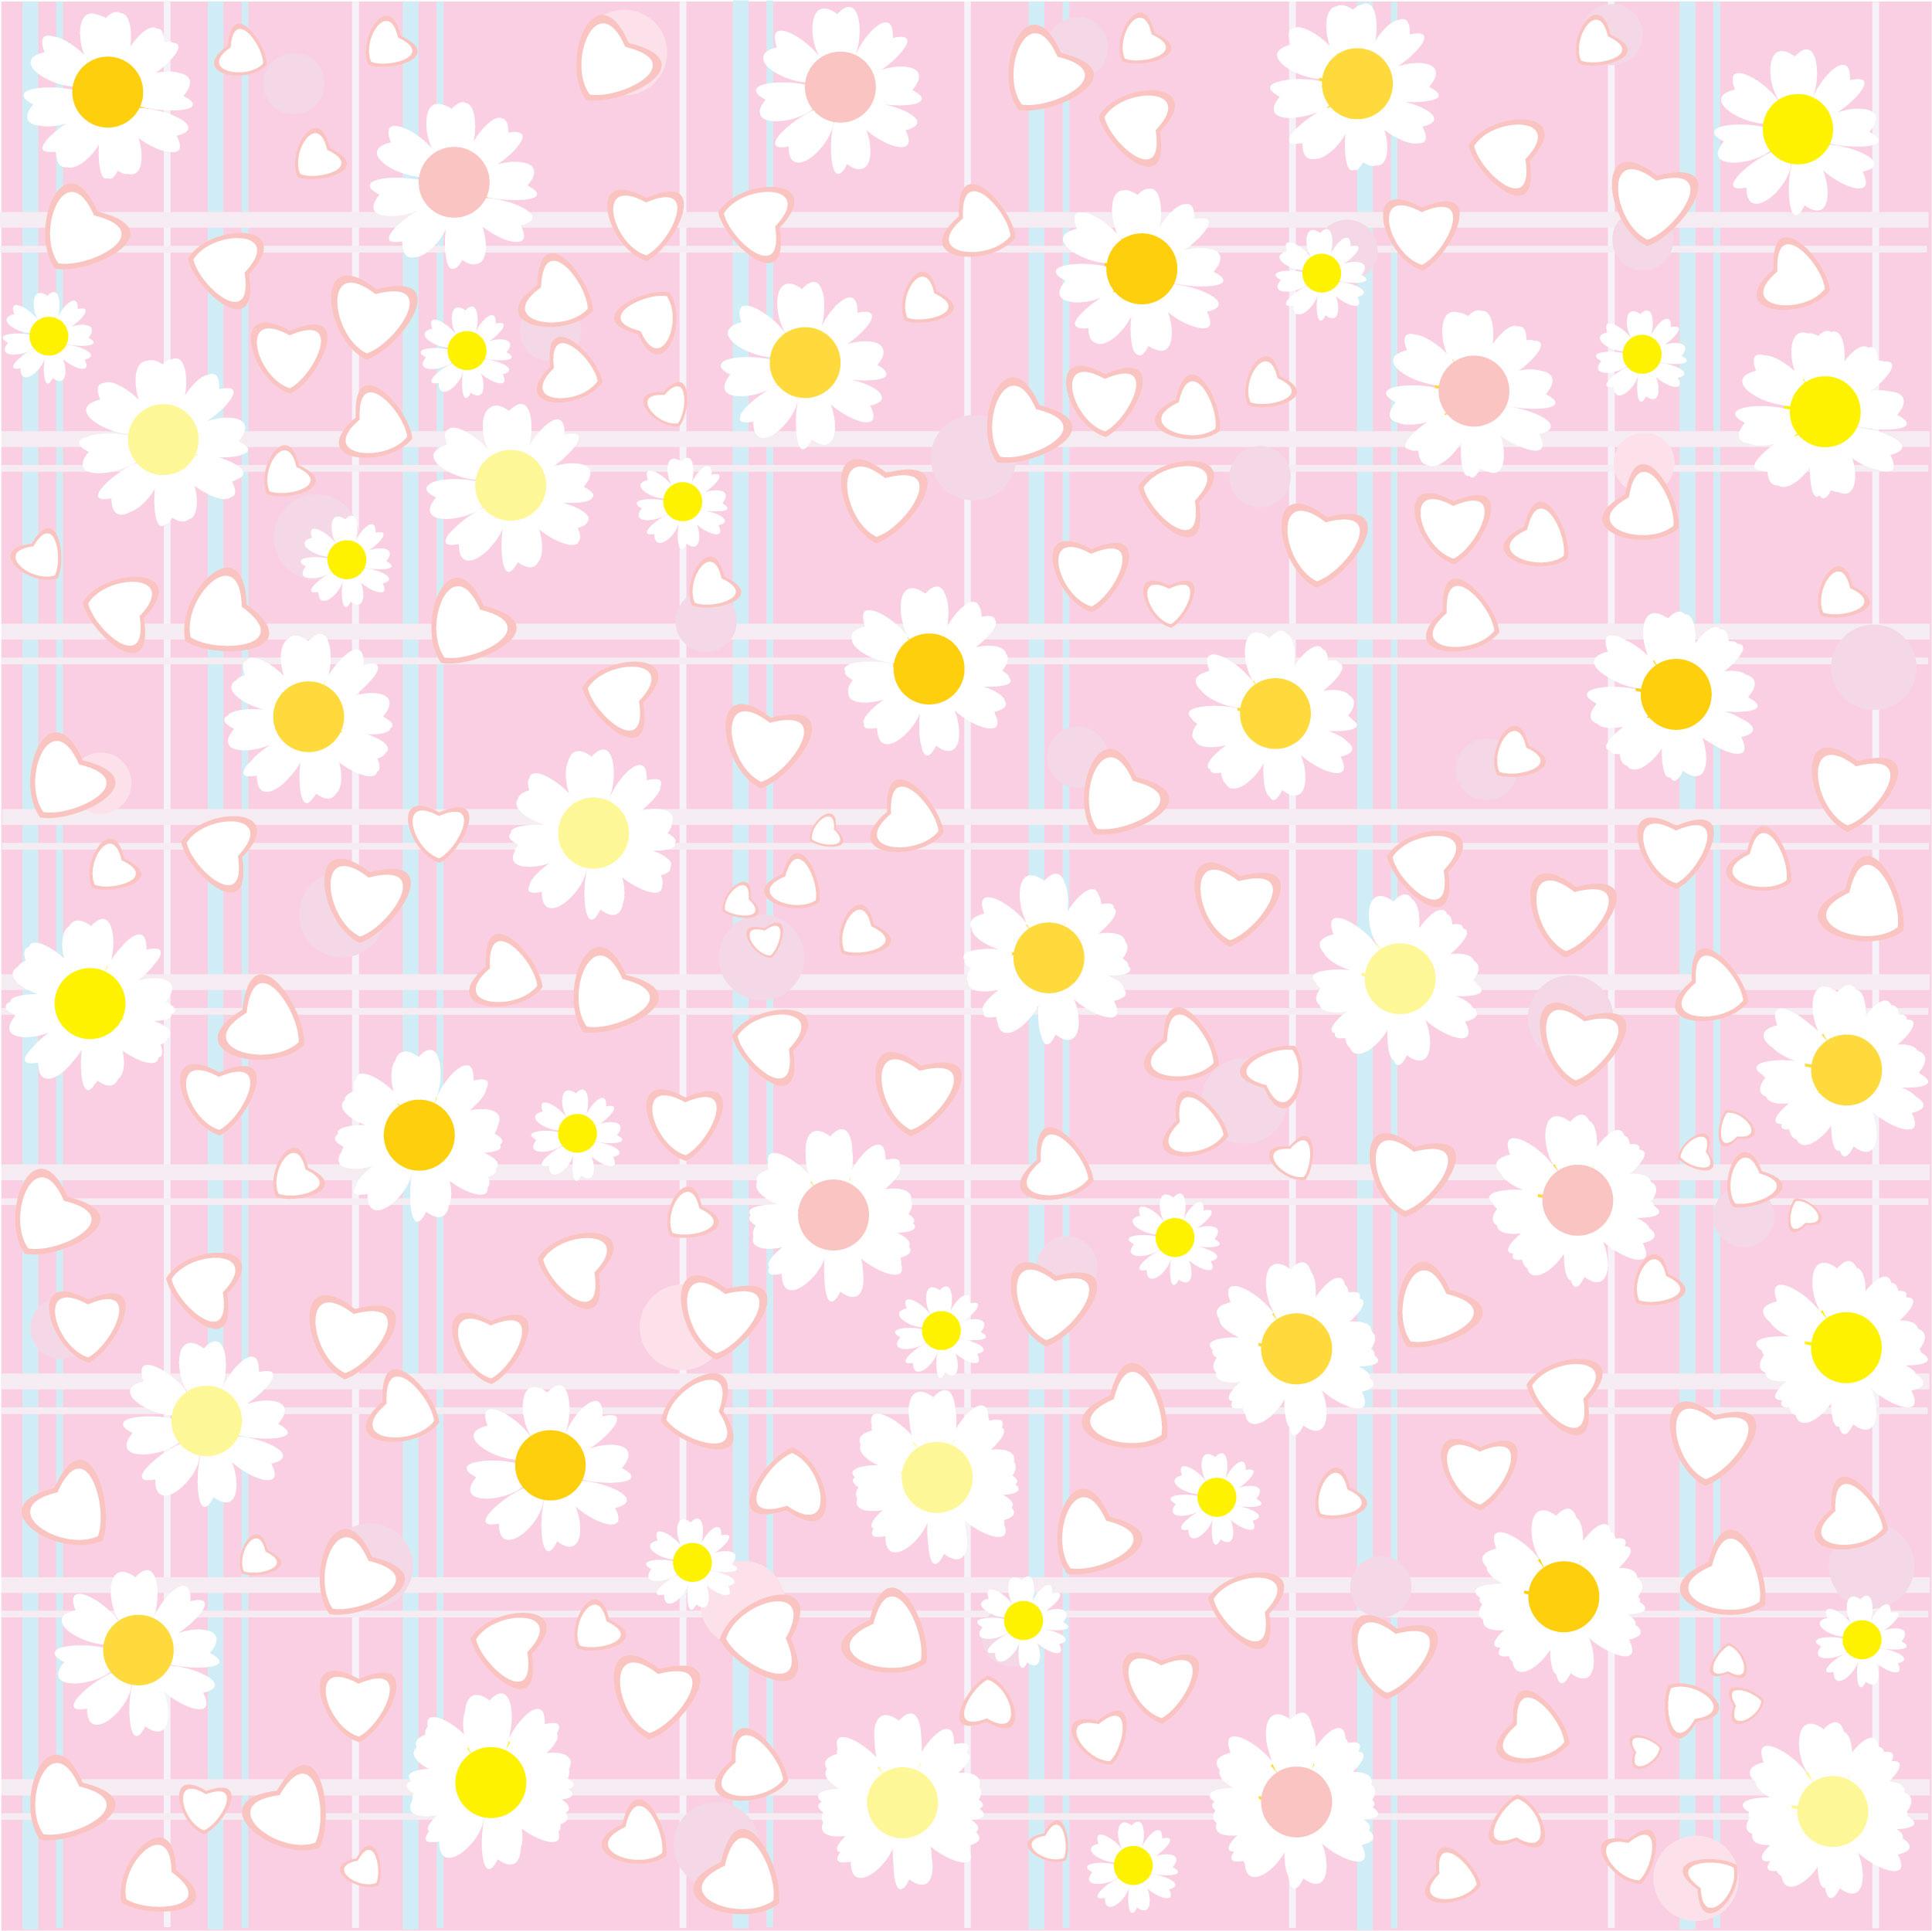 壁紙・背景イラスト/花の模様・柄・パターン no.091『ピンク・格子状